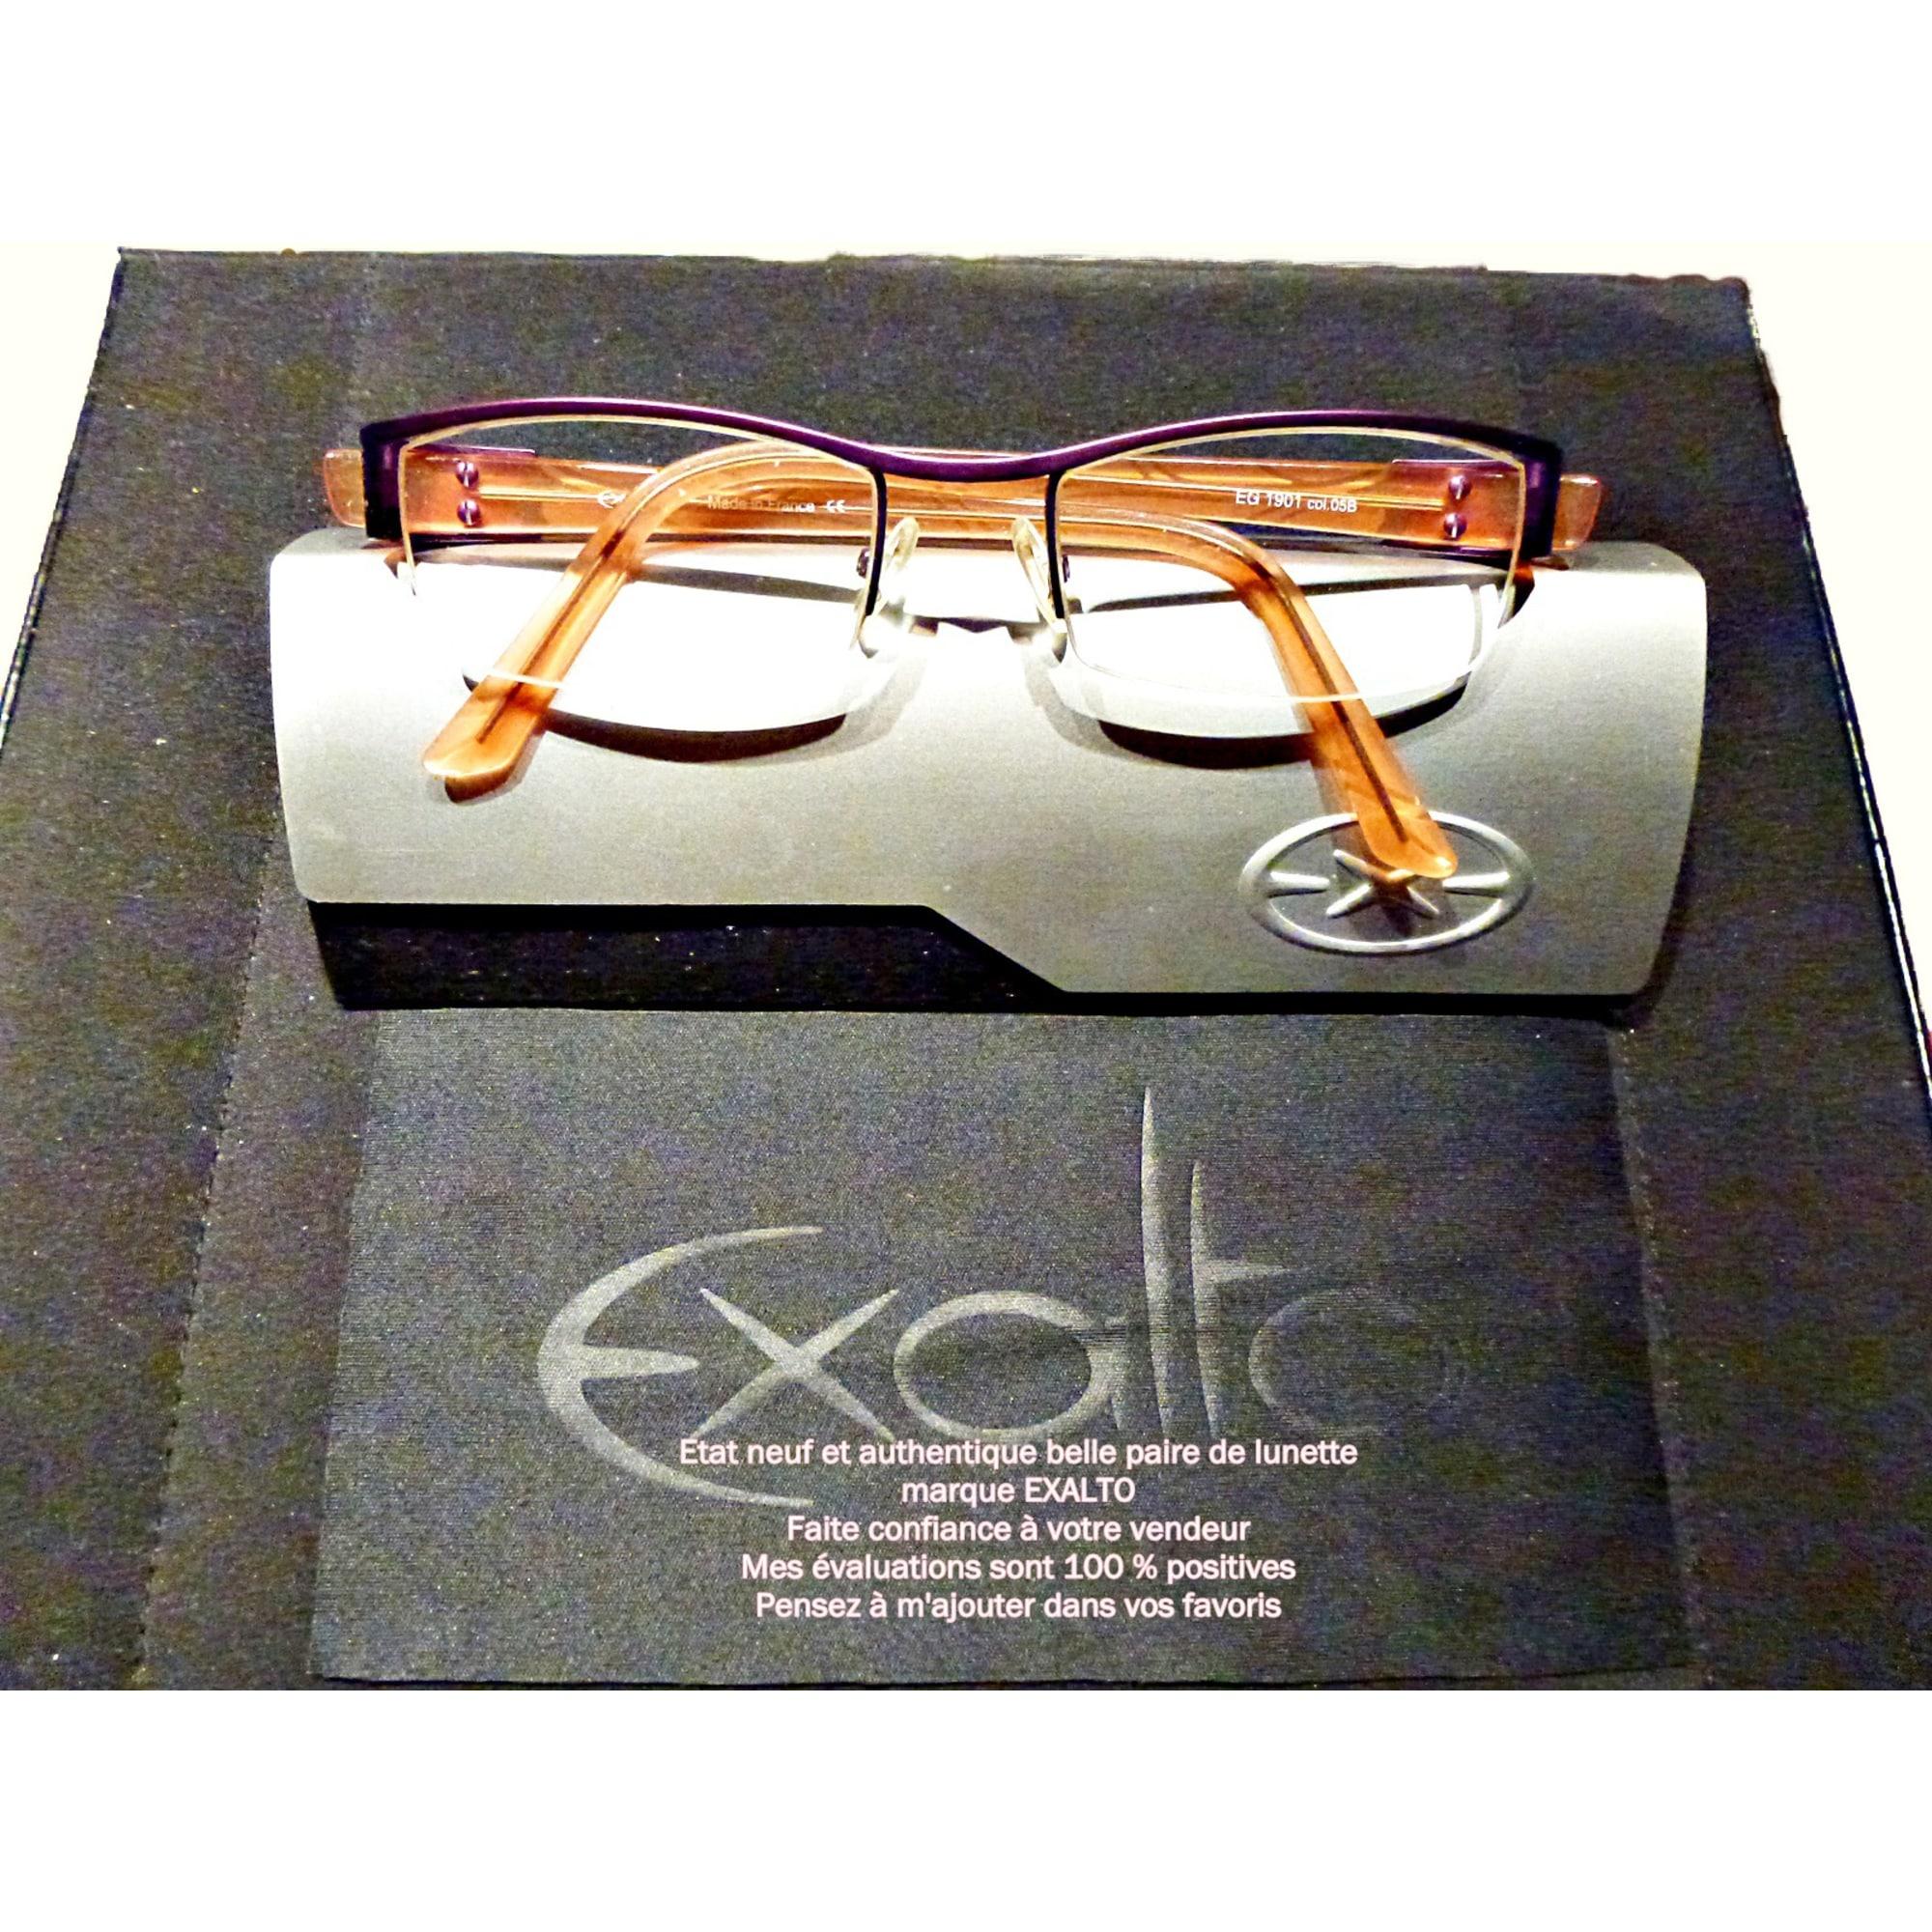 Monture de lunettes LUNETTE DE VUE EXALTO multicouleur vendu par ... 5e6572411fe5